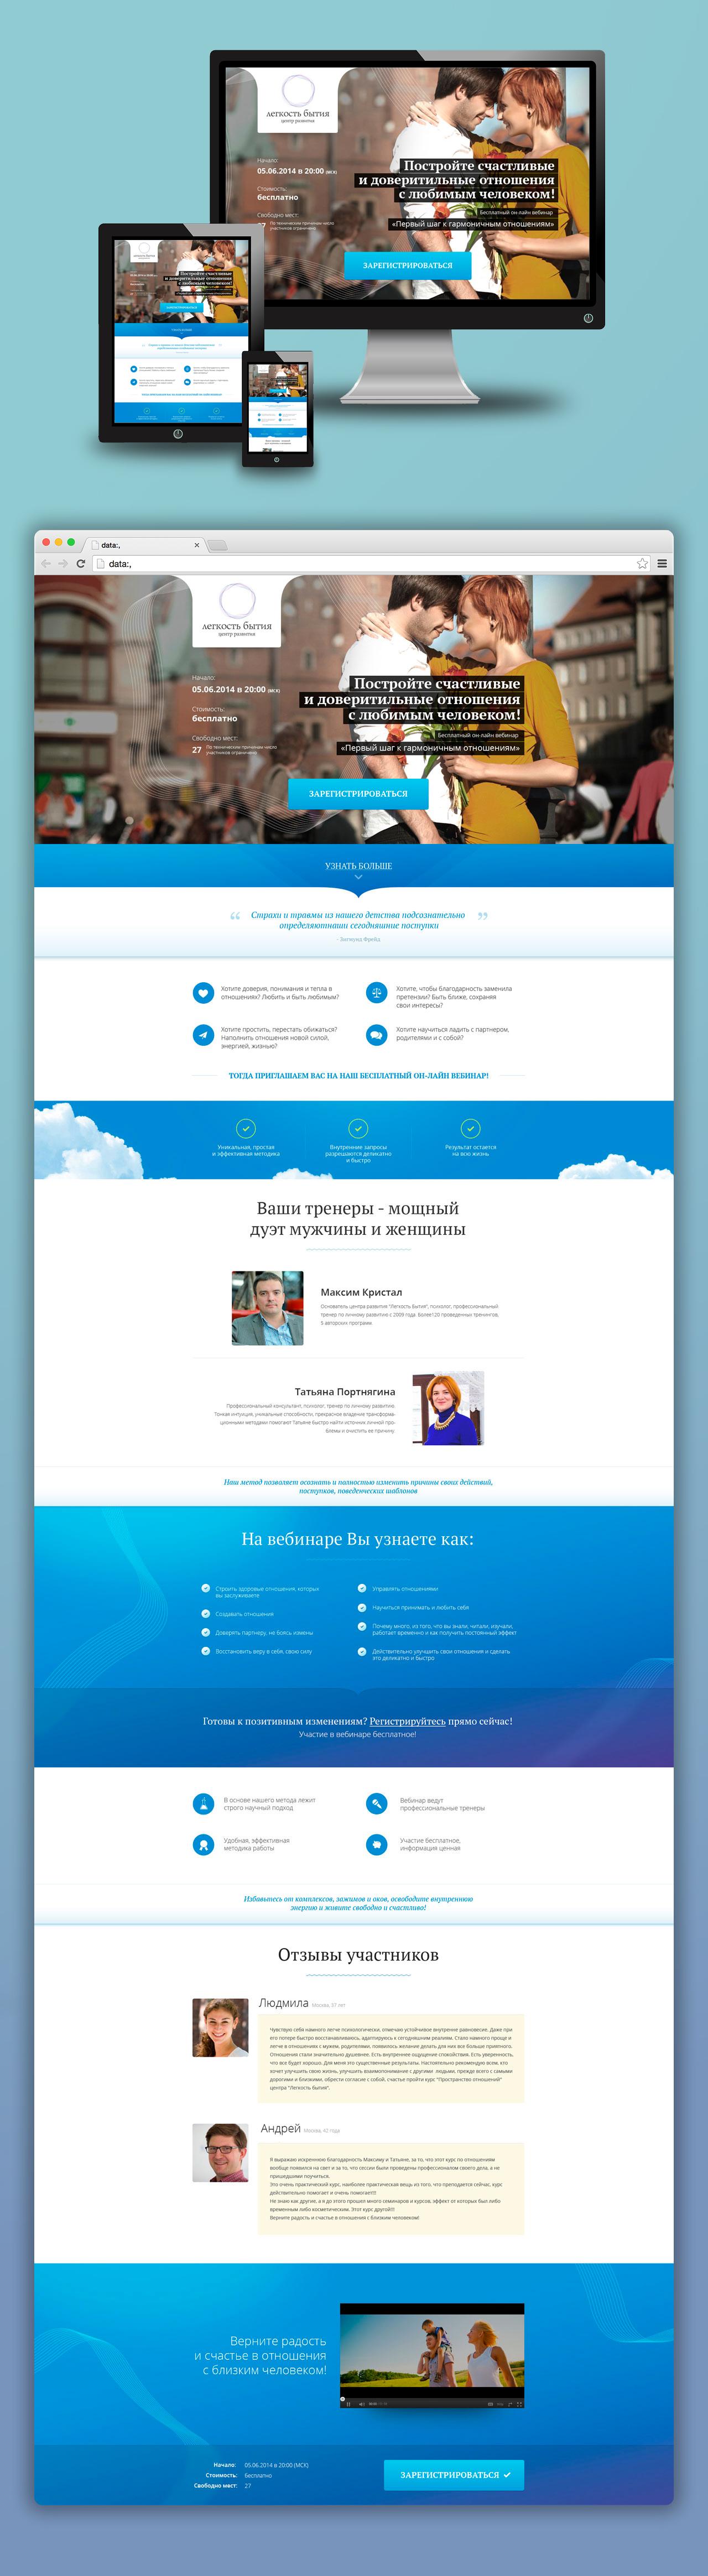 Дизайн Landing Page для центра развития Легкость Бытия (сбор группы на вебинар)